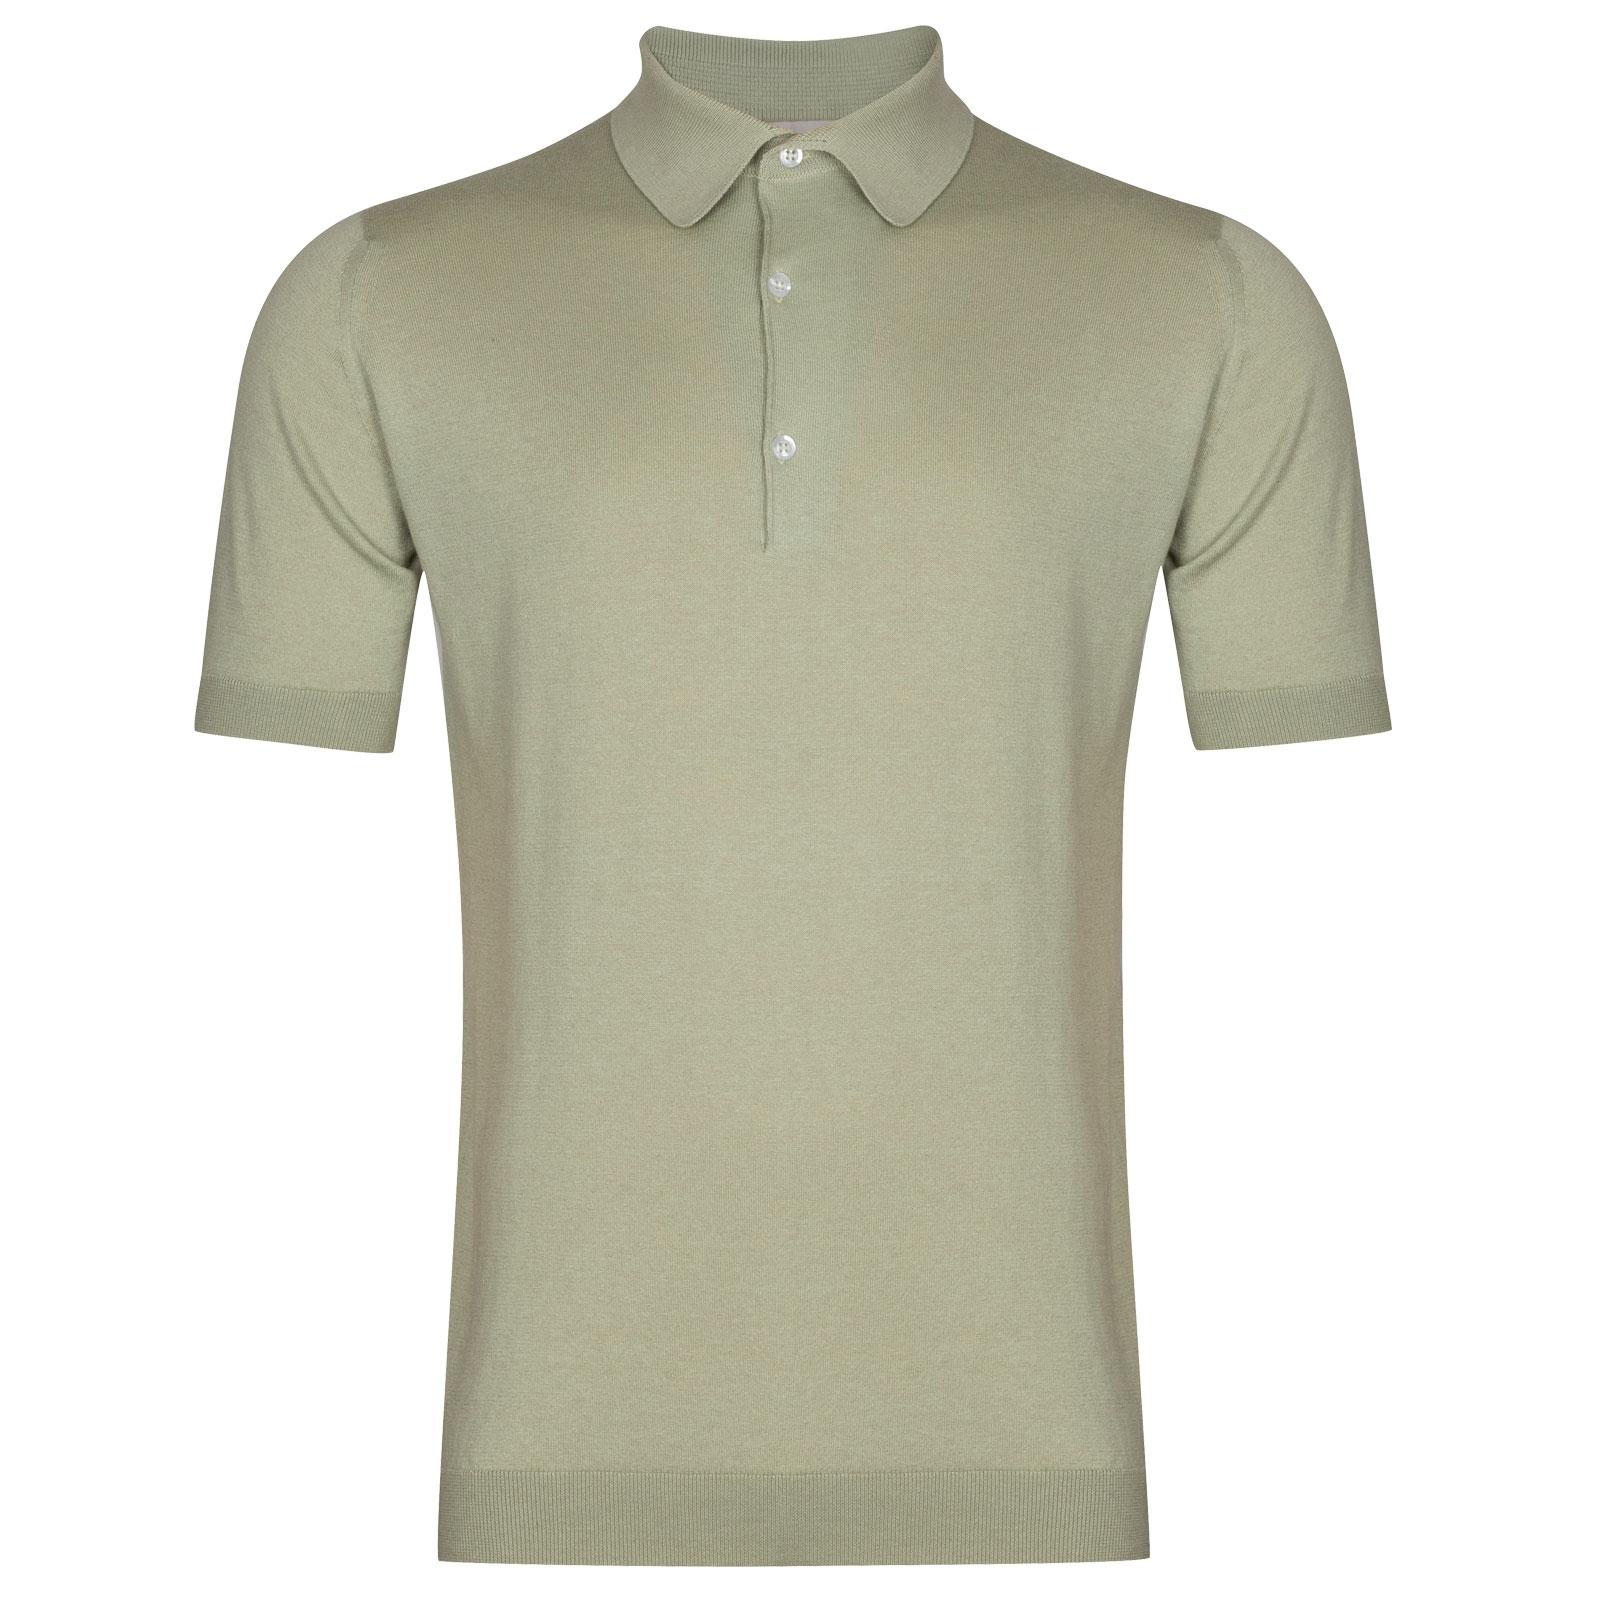 John Smedley Haddon in Burlap Green Shirt-SML